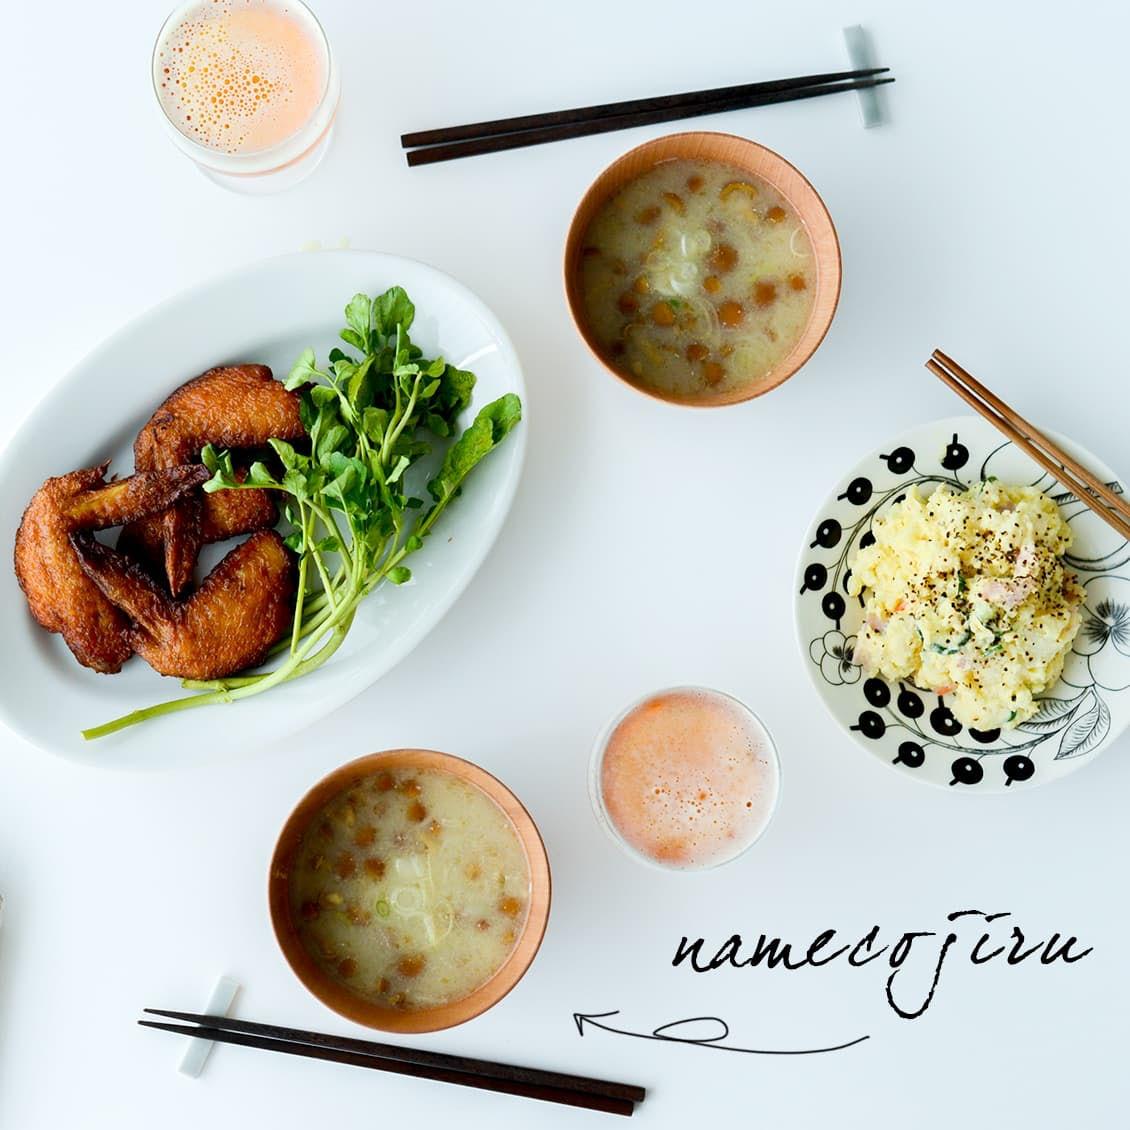 【いいものカタログ|食卓・台所道具編】暮らしの定番品見直してみませんか?スープだって似合う、天然木のお椀